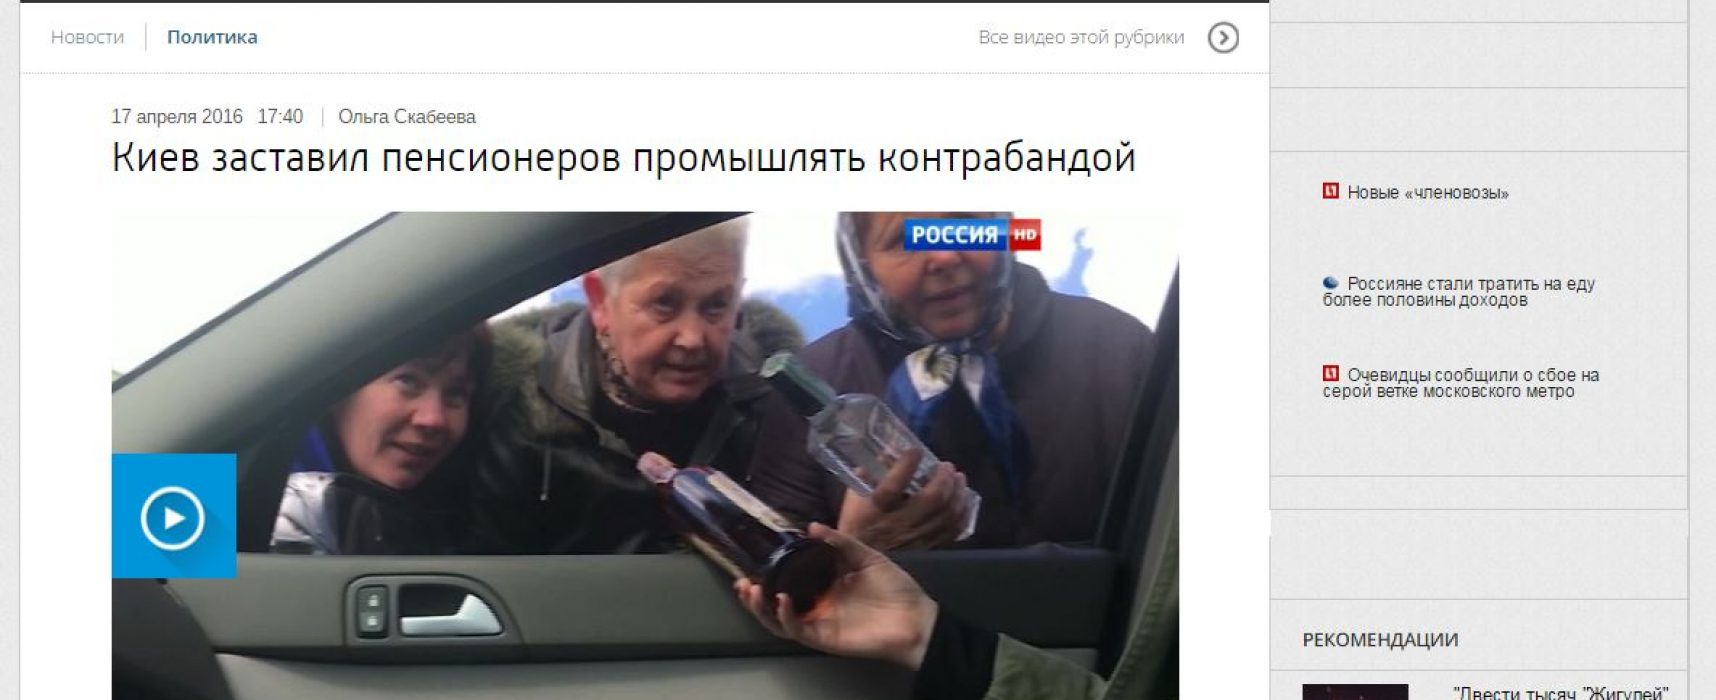 Фейк: Все украинцы в Польше моют посуду и полы